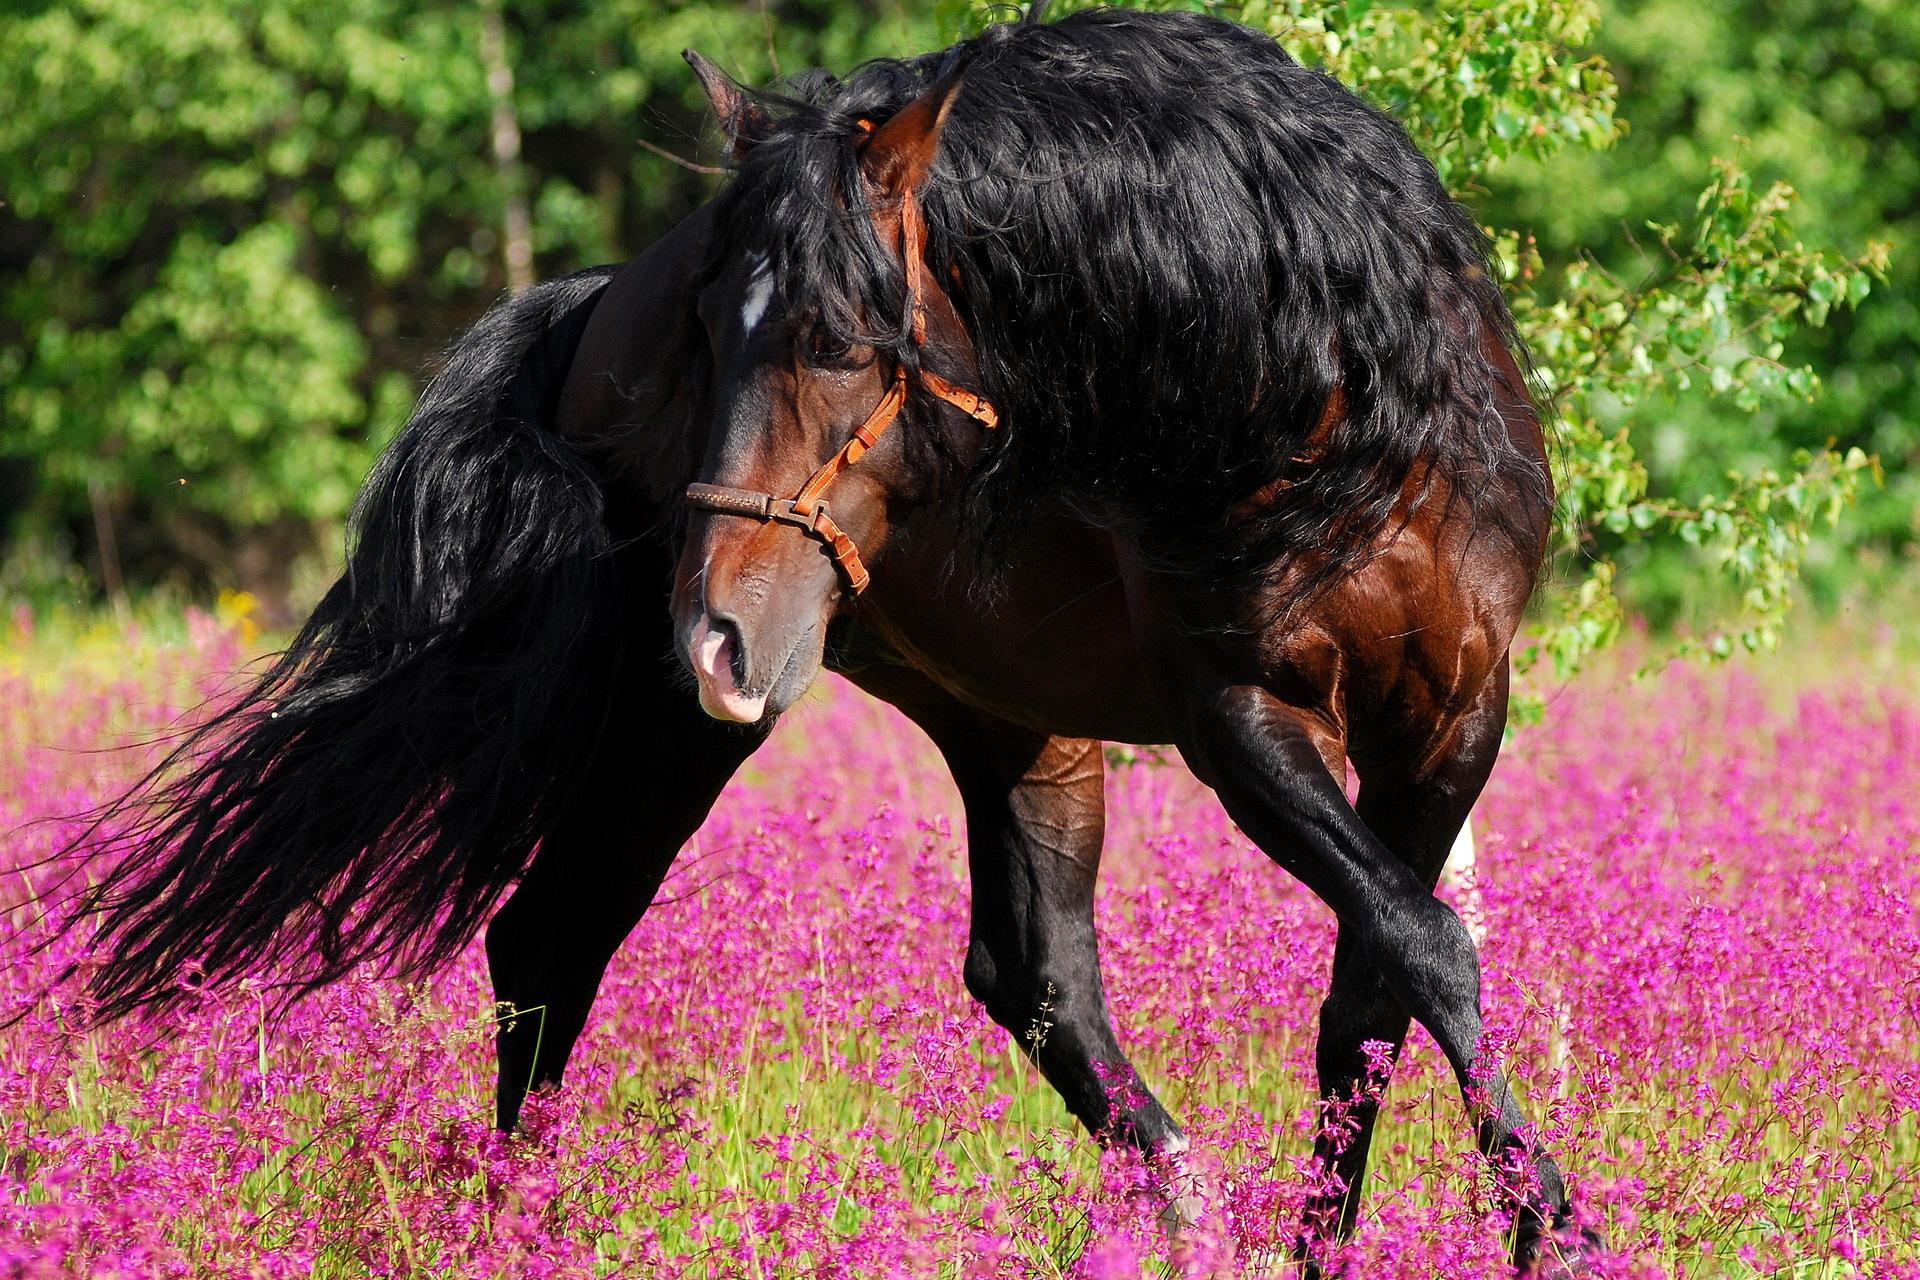 лошадь лицо животное природа без смс